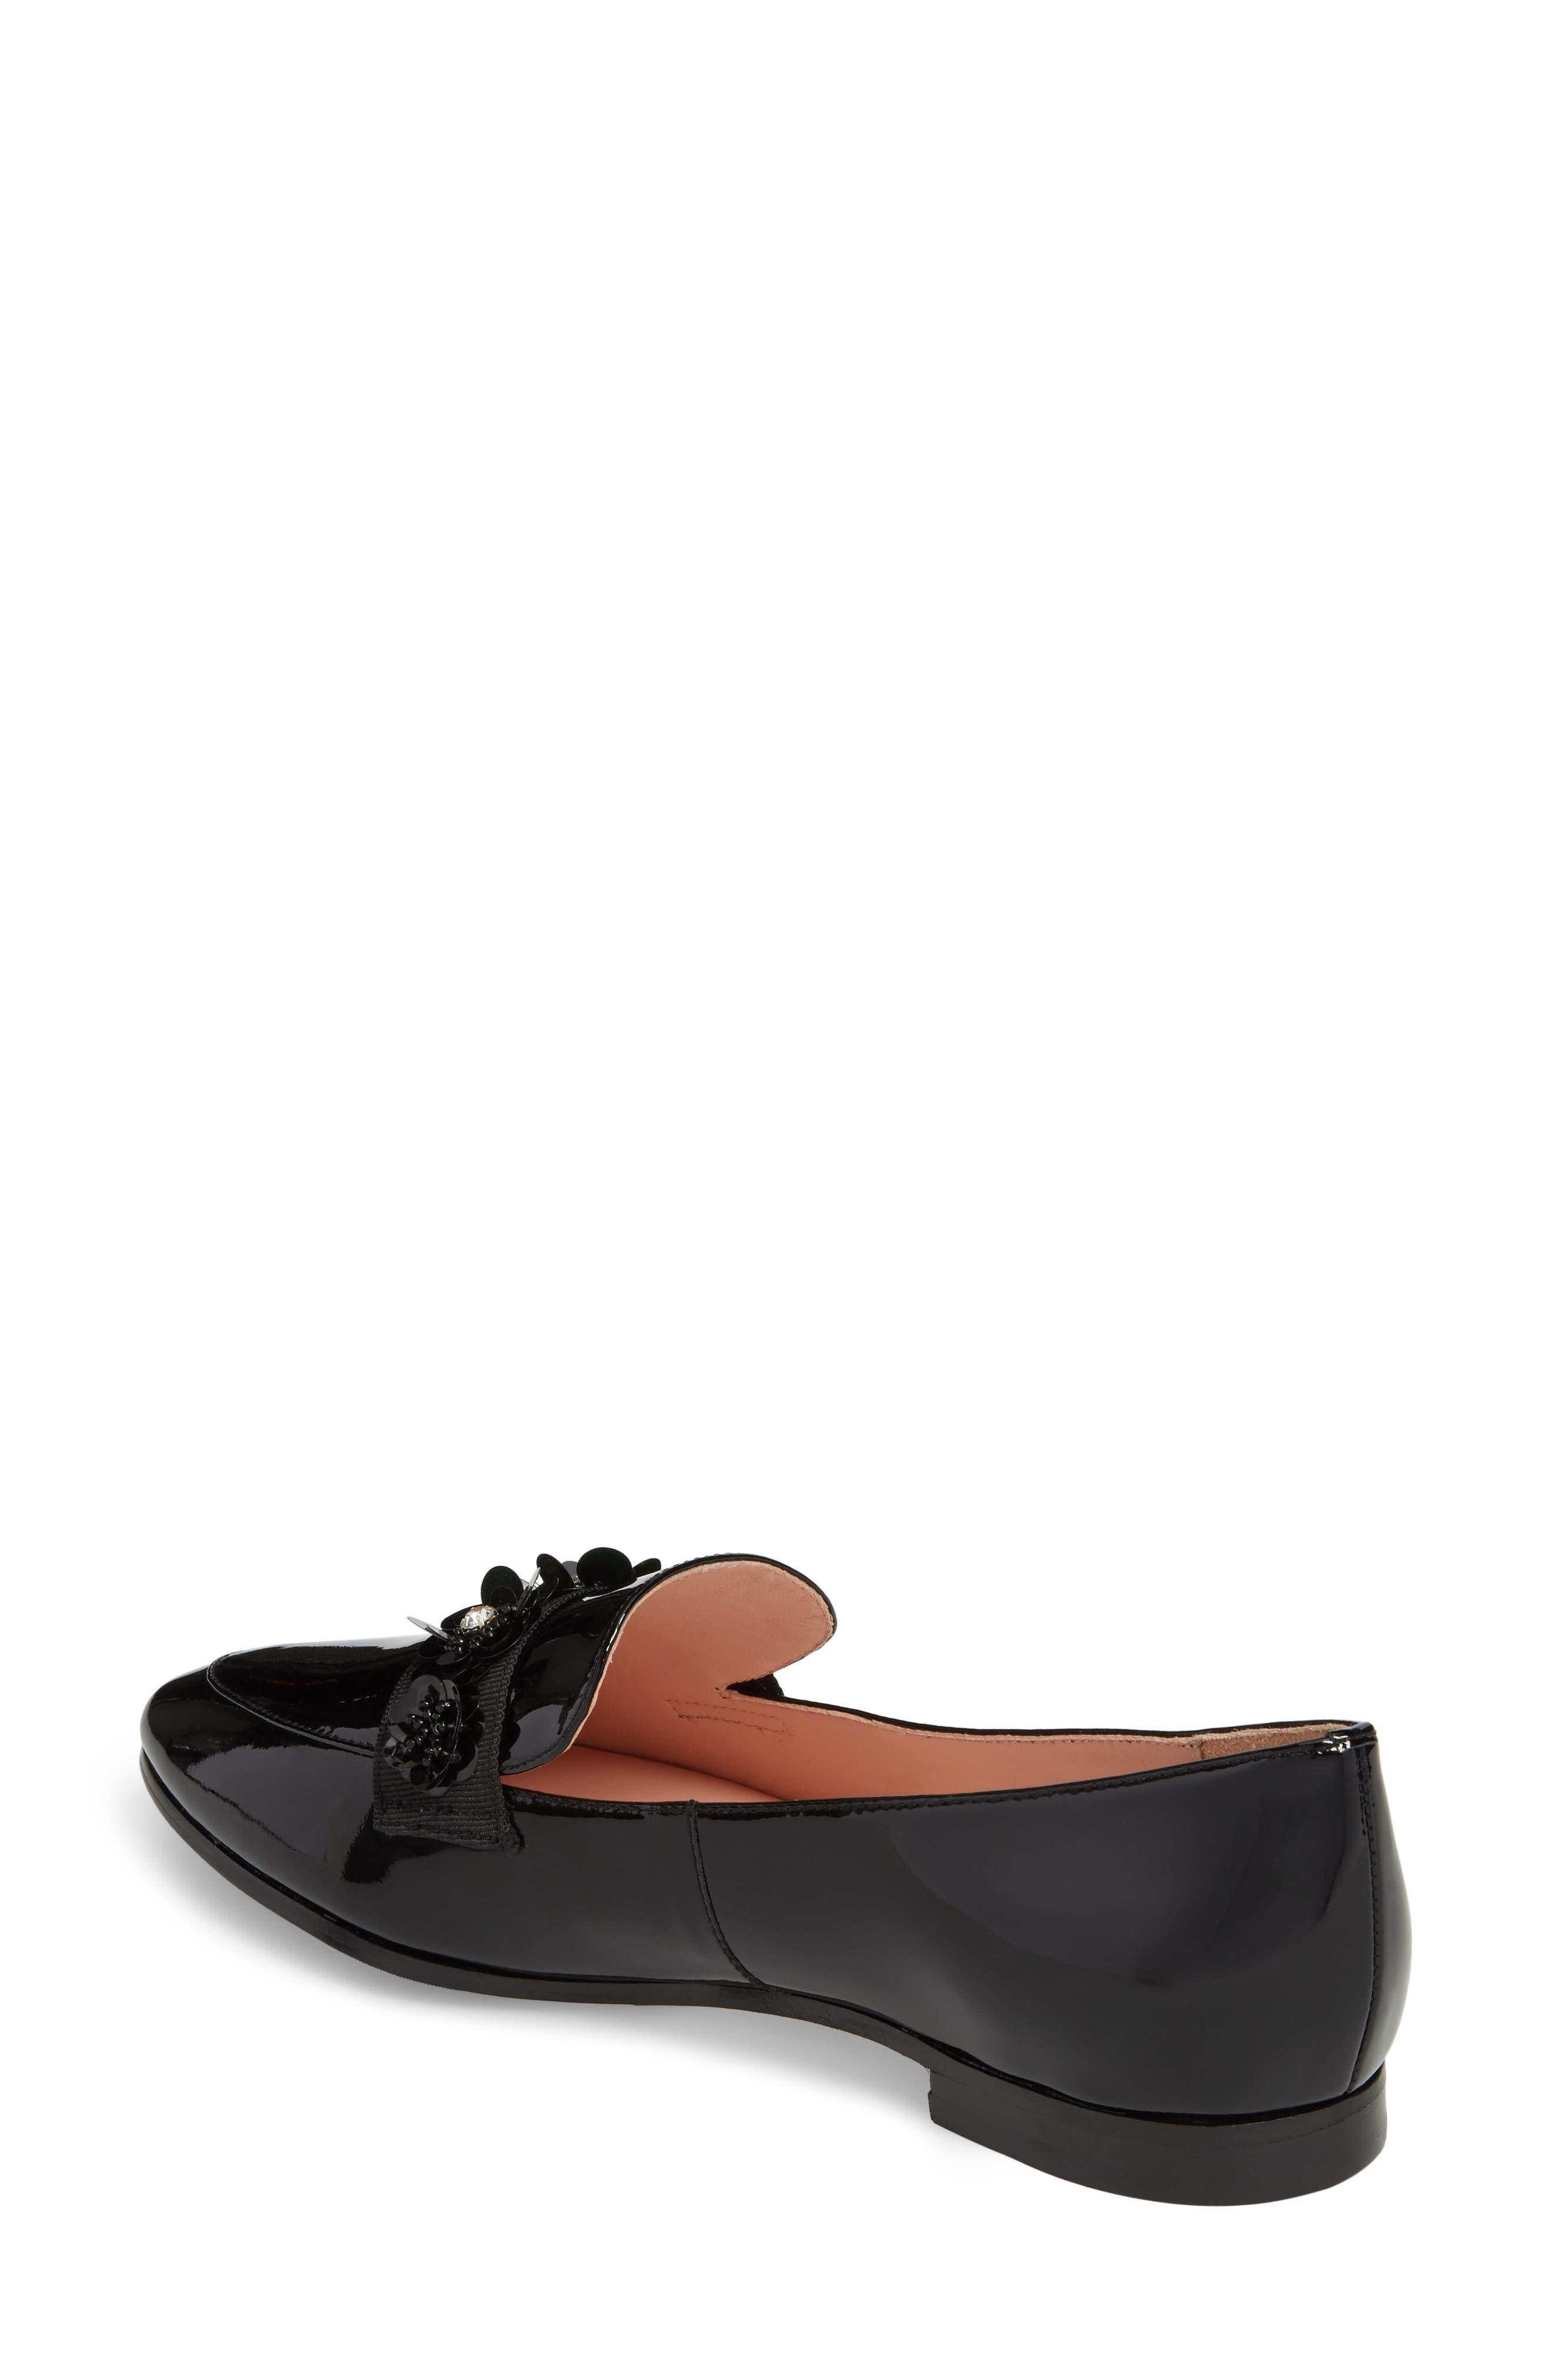 Alternate Image 2  - kate spade new york cleo embellished loafer (Women)